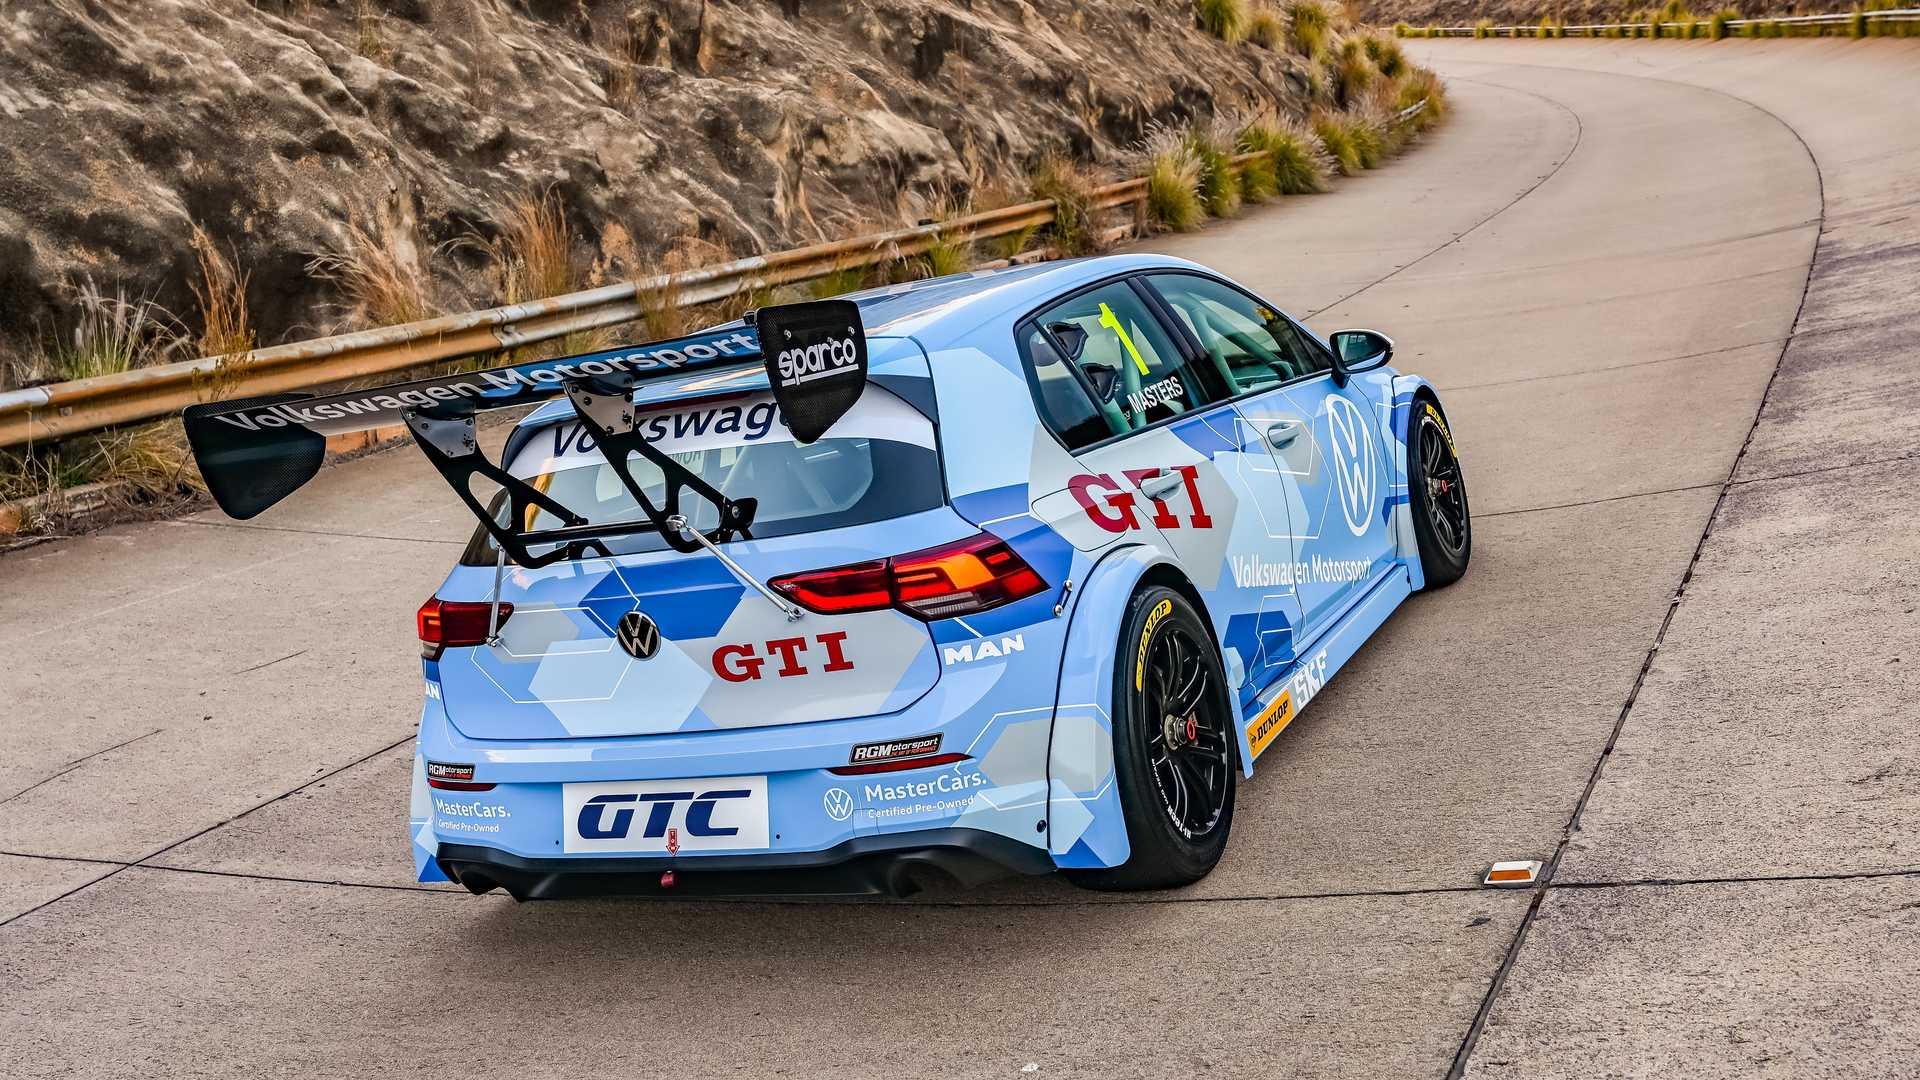 Volkswagen-GTI-GTC-Race-Car-1